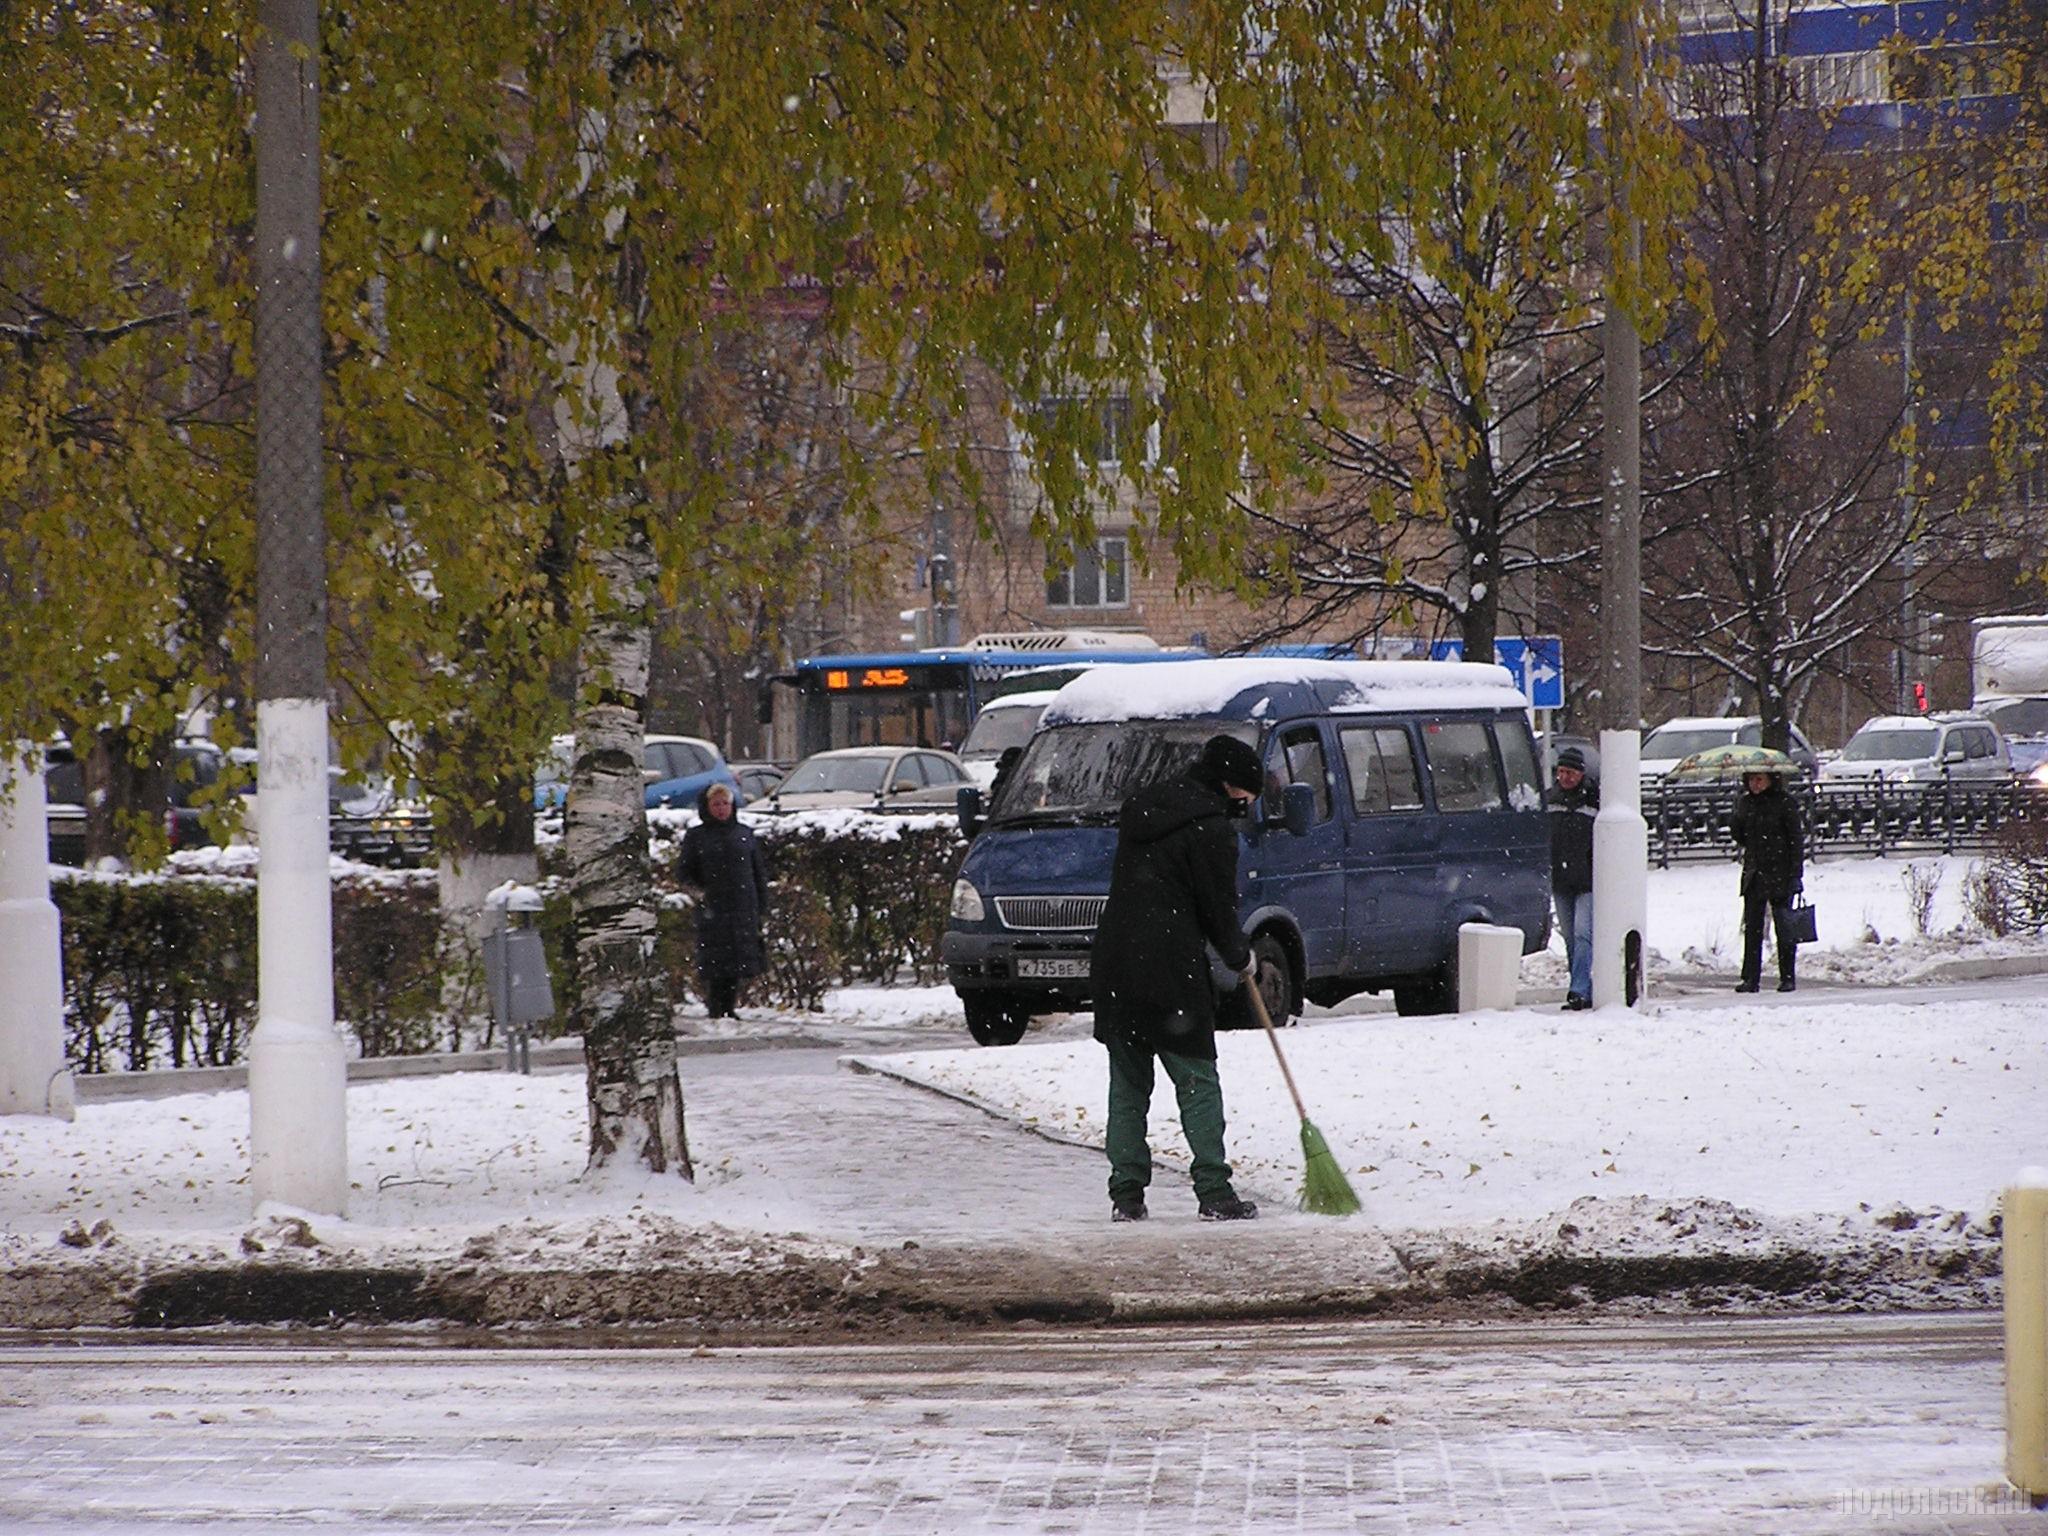 Дворник метет снег. У администрации Подольска. 31 октября 2016 г.